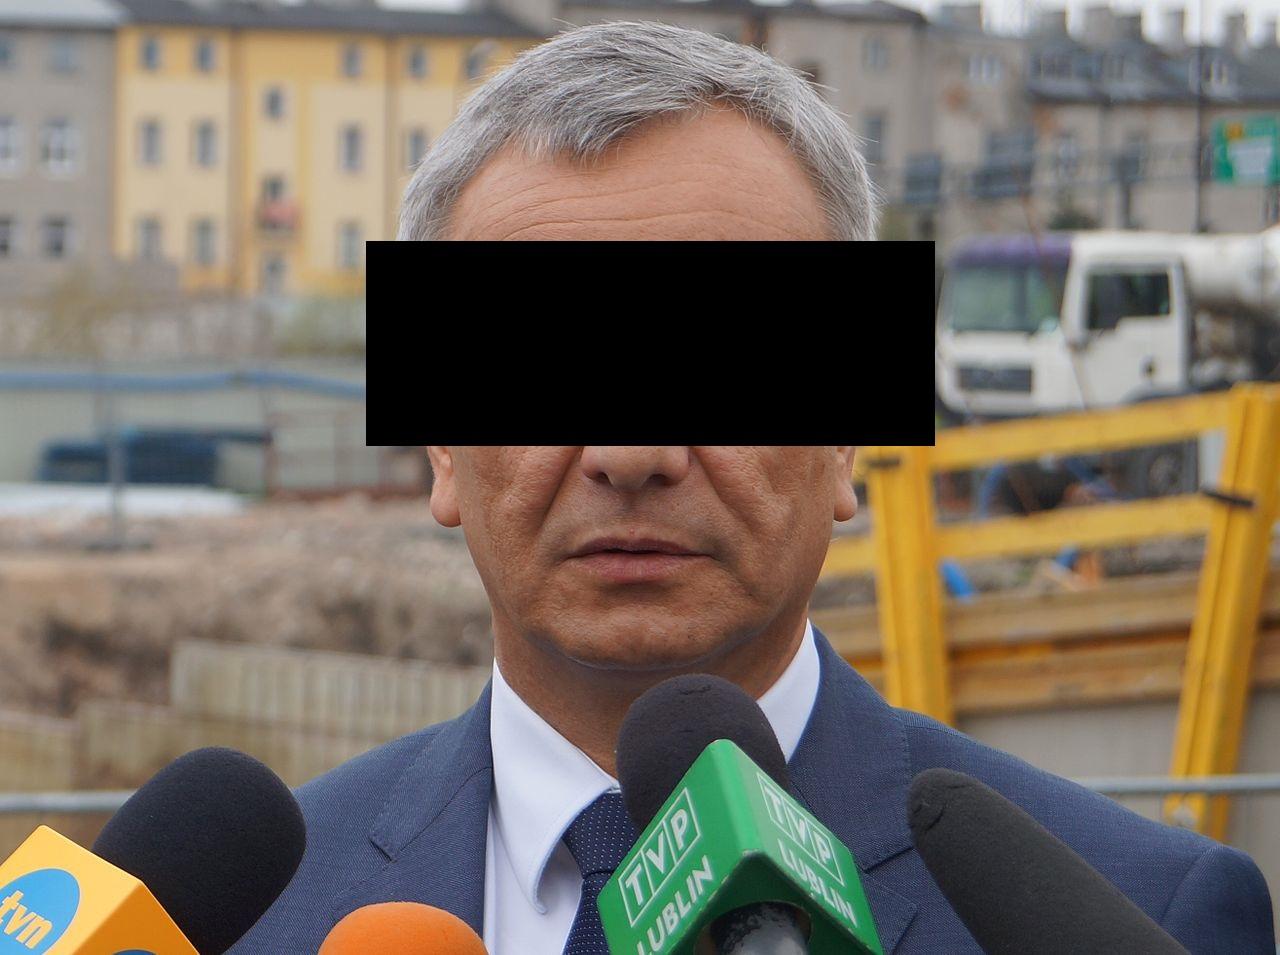 Prokuratura: Akt oskarżenia wobec b. ministra sportu Andrzeja B.